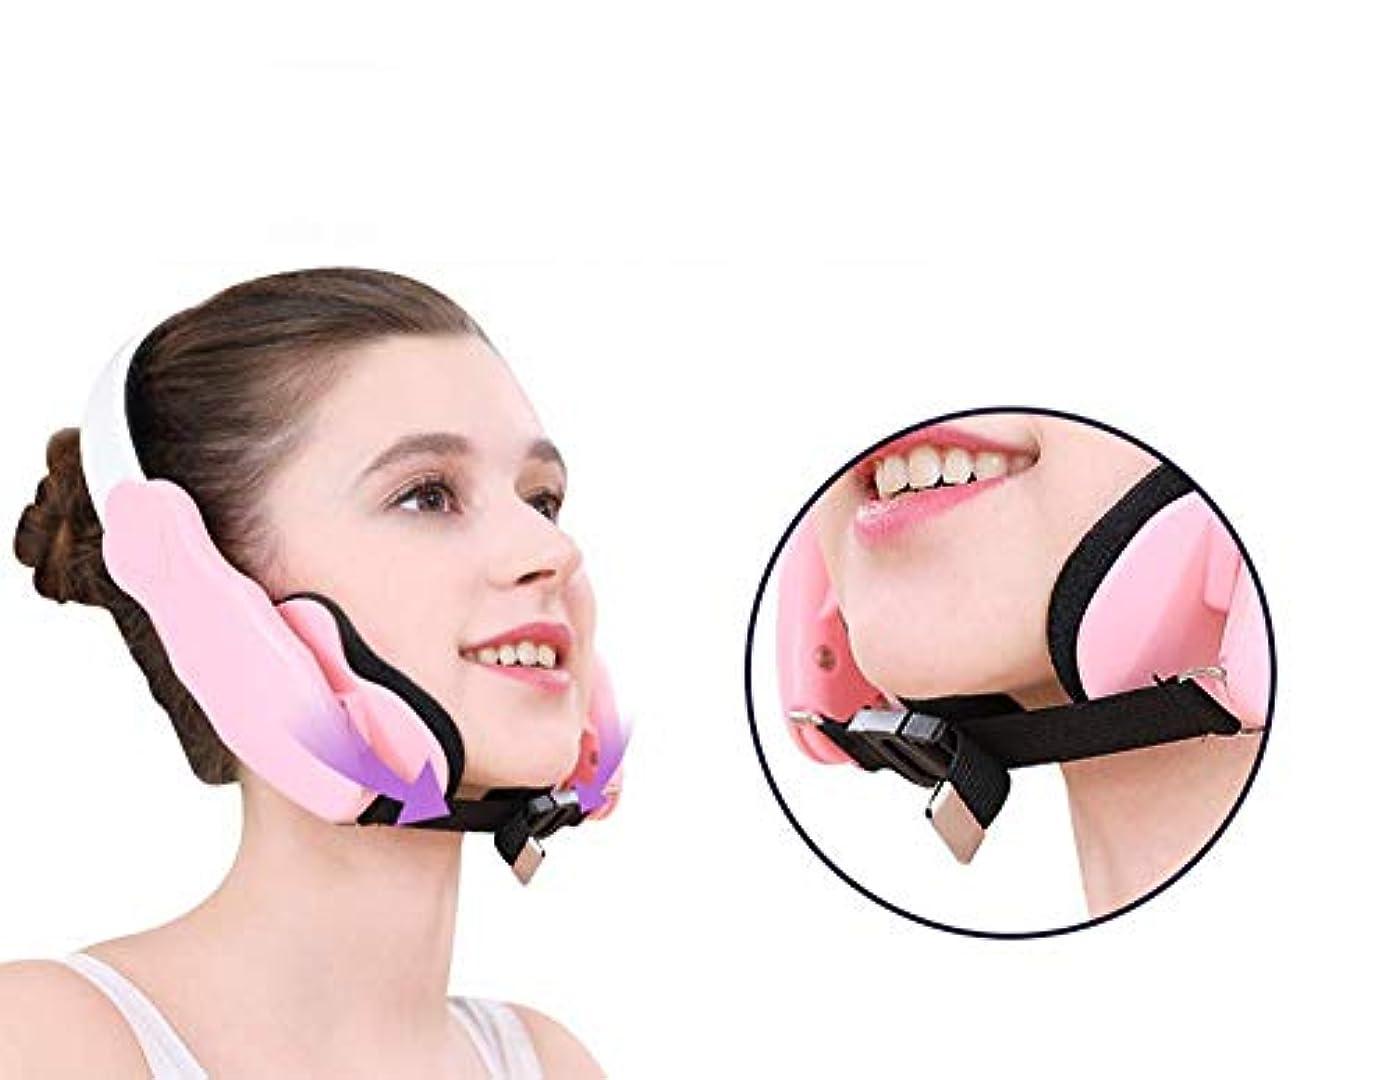 きらめくビジョン生産的Nfudishpu物理的な顔リフティング器具V顔包帯下顎仙骨咬筋補正サイズ顔非対称6ギア位置